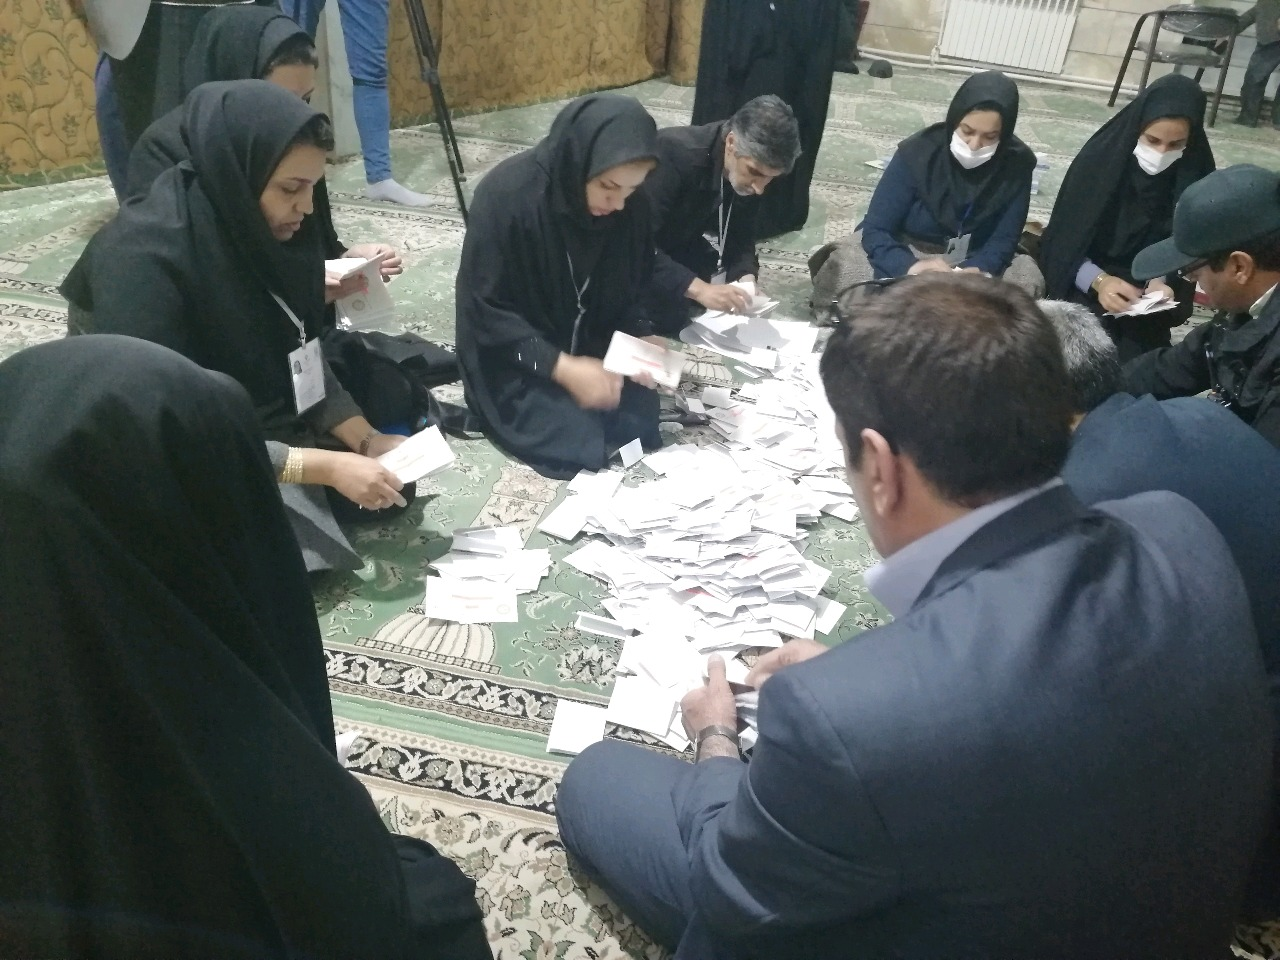 اعلام نتایج شمارش آراء در ۴ حوزه انتخابیه خراسان جنوبی